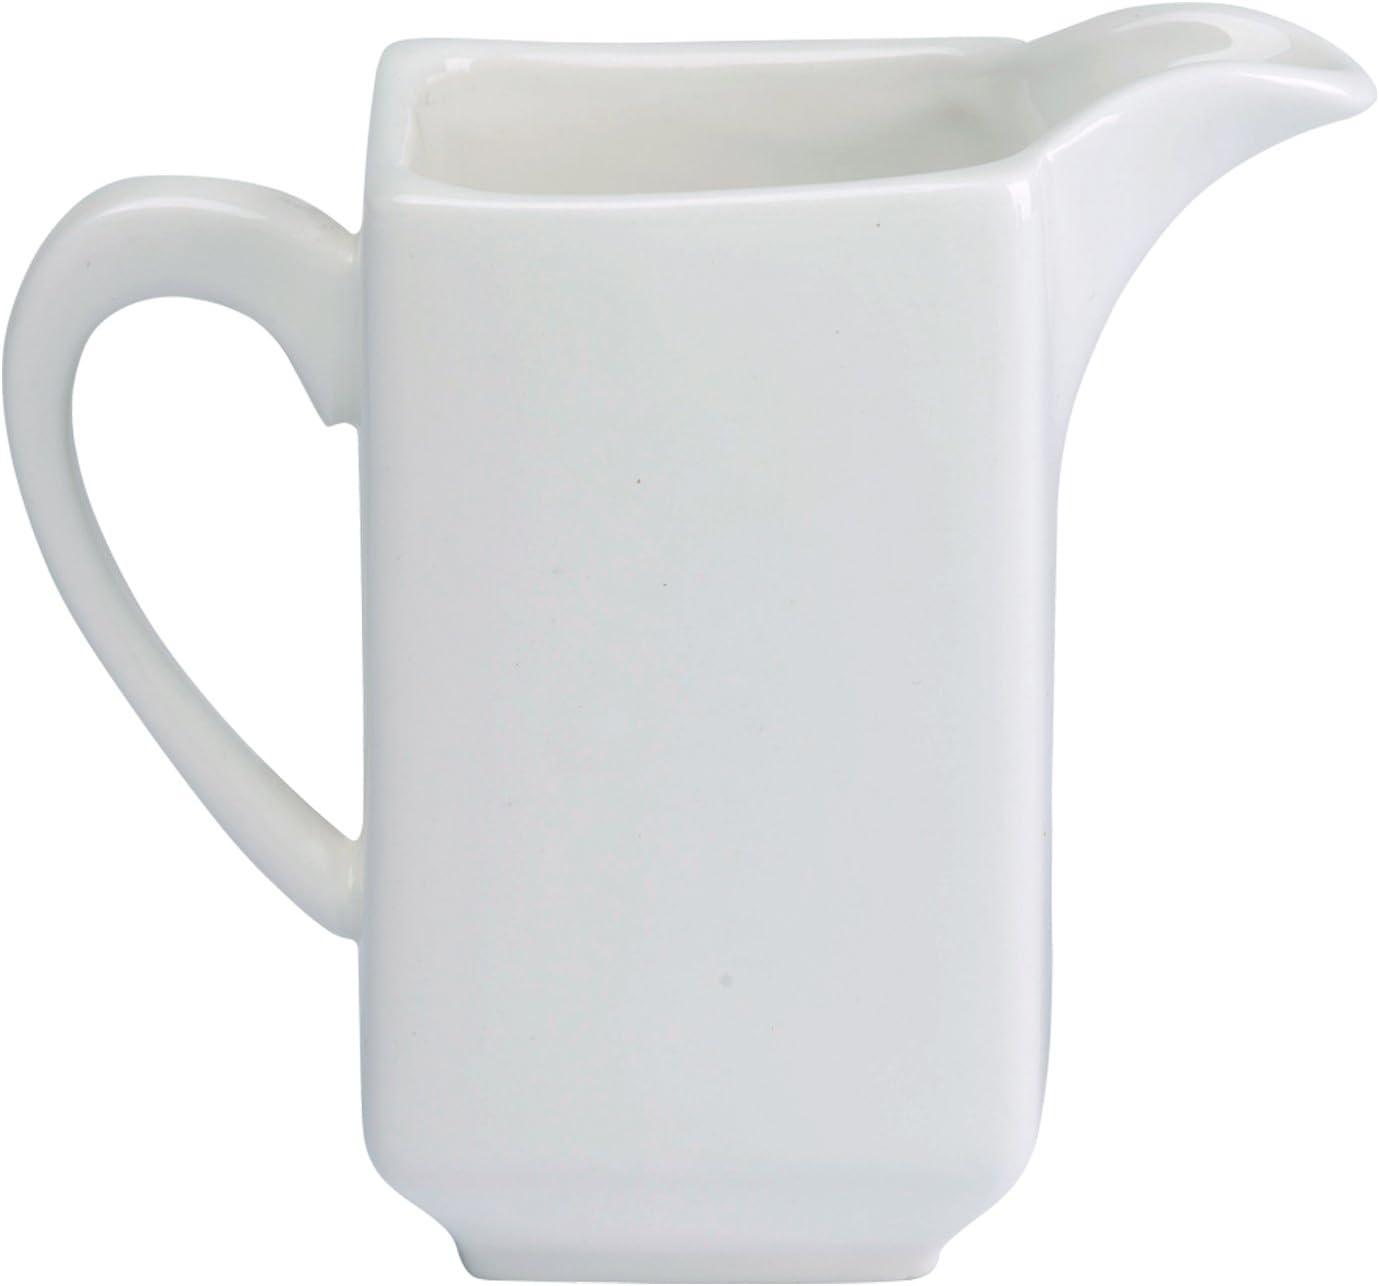 Dajar Porto Leche Jarra 210ml, Porcelana, Blanco, 11x 5,7x 9,8cm